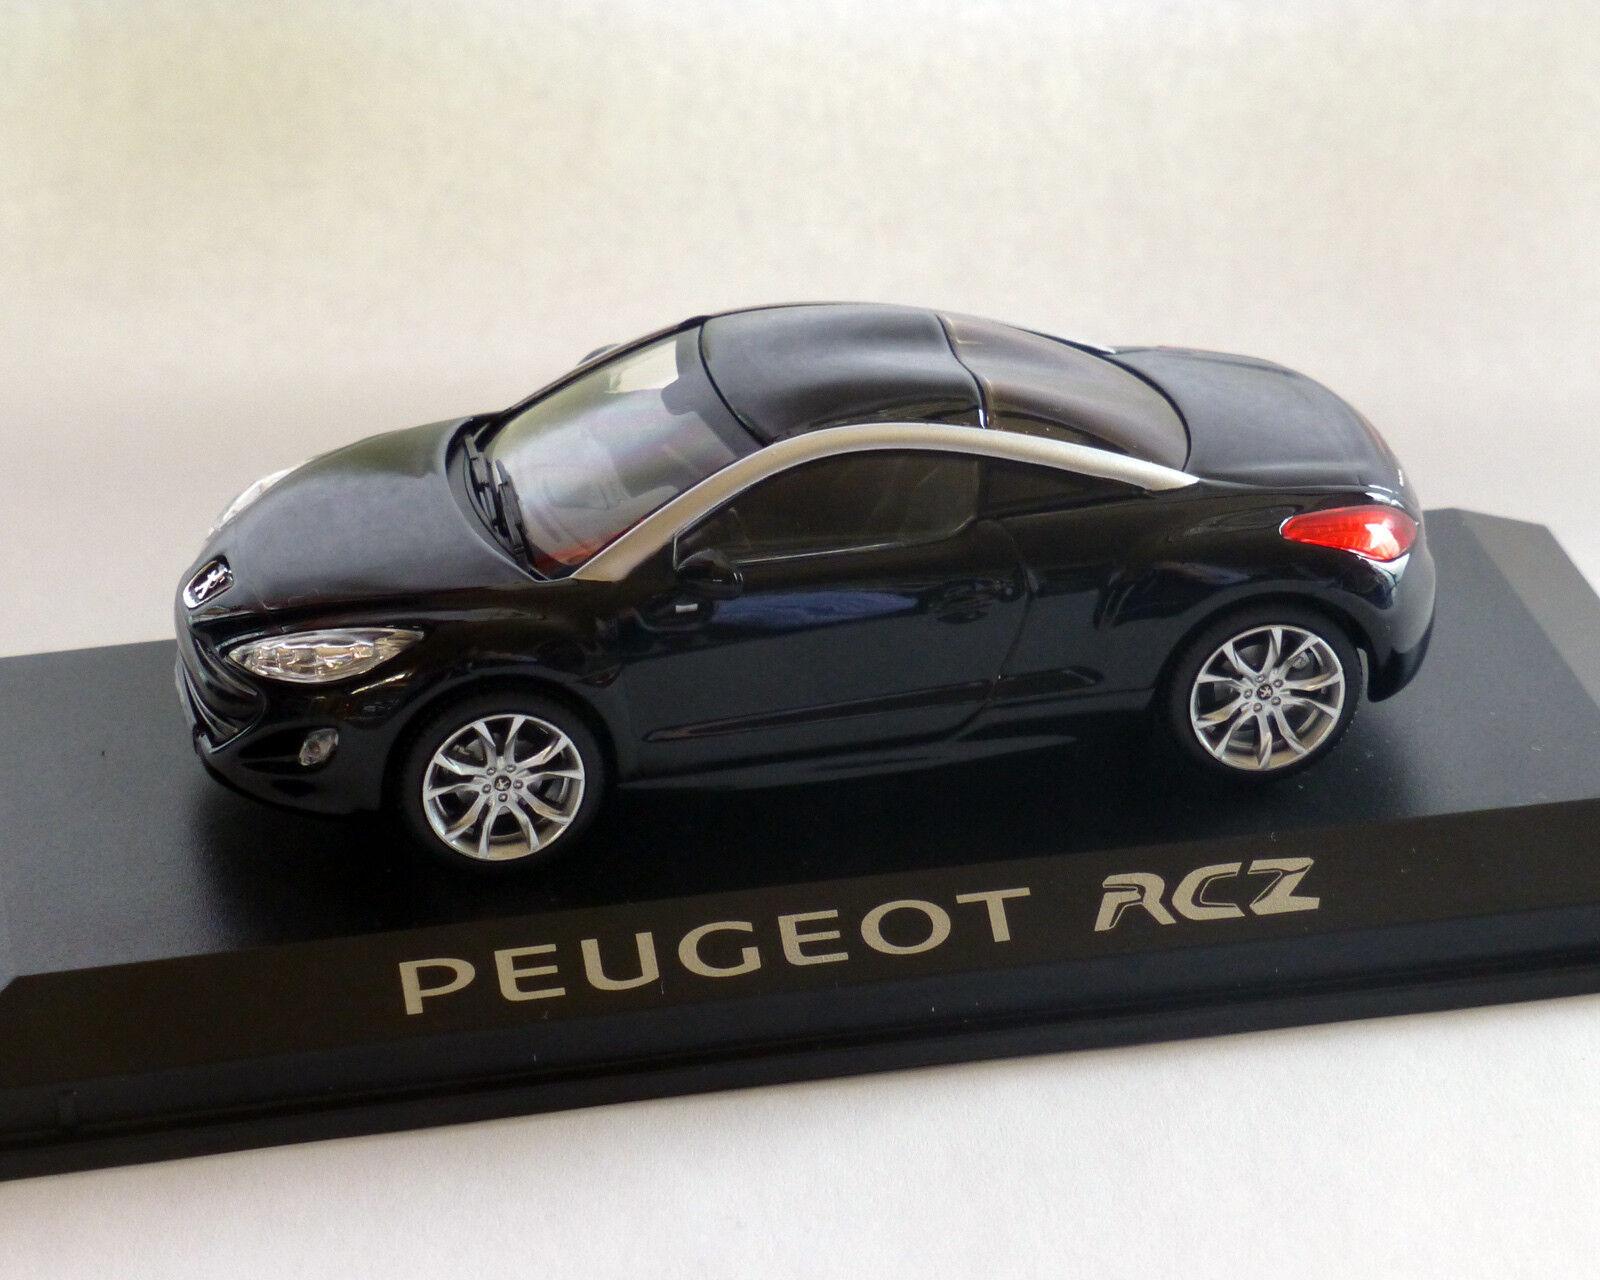 Peugeot rcz noir, 1 43, Norev